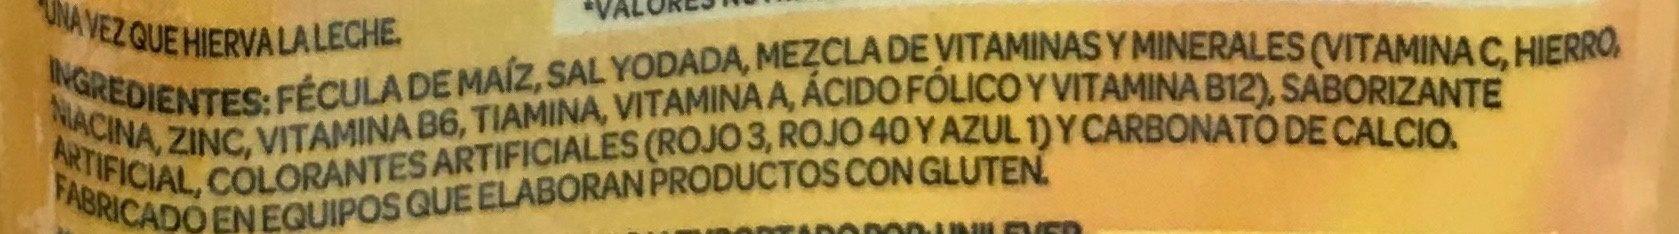 Fécula de maiz para preparar atole fortificado sabor fresa - Ingrédients - es